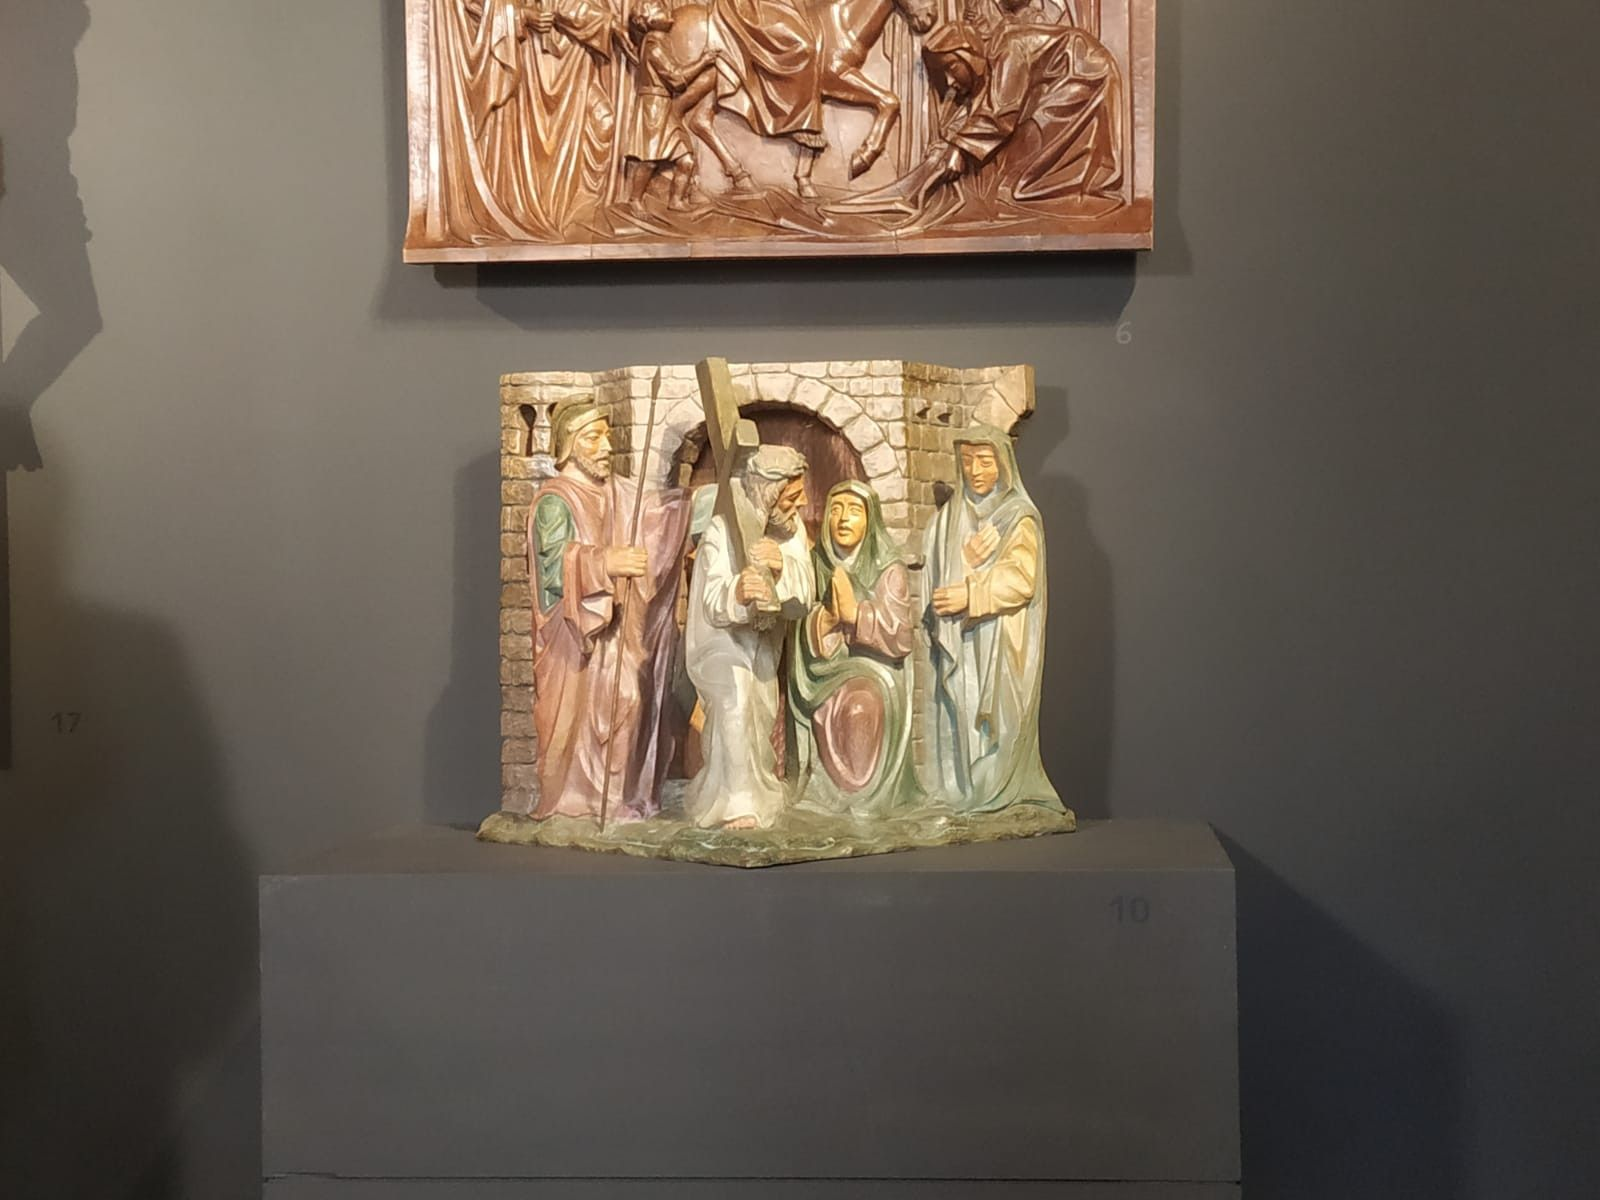 Exposicion hipolito perez calvo museo diocesano (3)